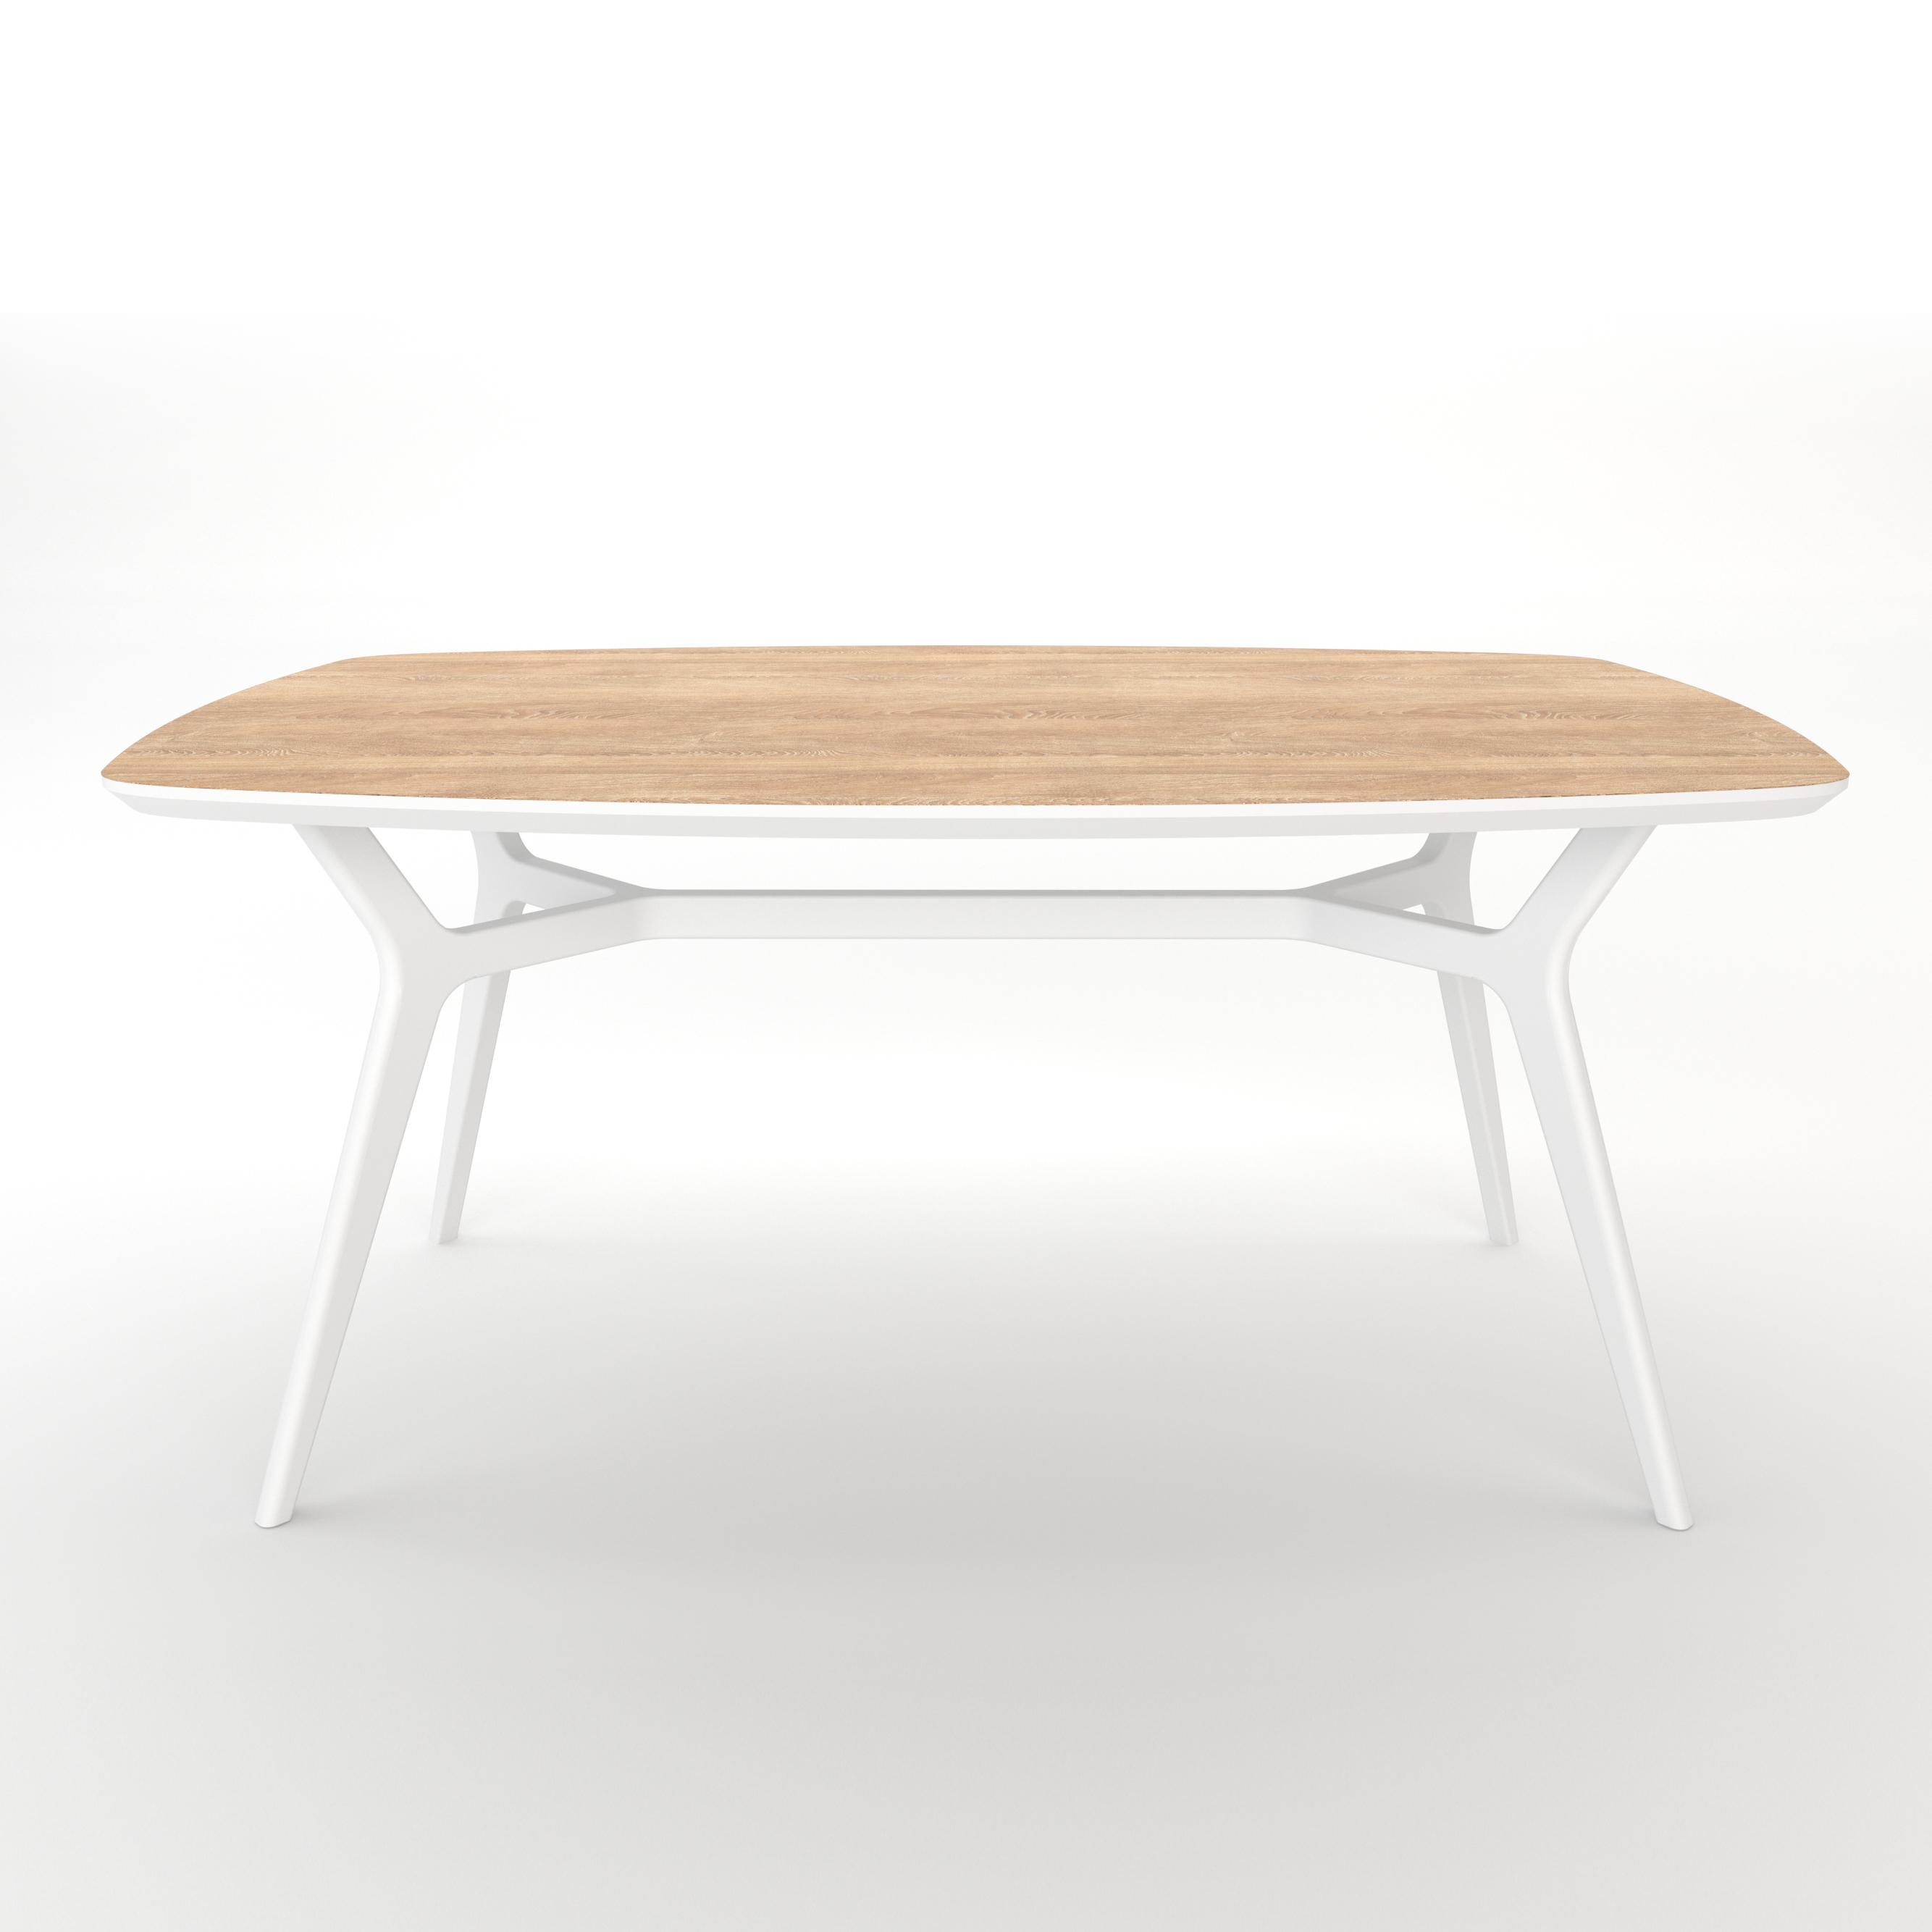 Стол JohannОбеденные столы<br>Тщательная проработка деталей и пропорций стола позволяет ему идеально вписаться в любой интерьер.&amp;lt;div&amp;gt;&amp;lt;br&amp;gt;&amp;lt;/div&amp;gt;&amp;lt;div&amp;gt;Отделка столешницы шпоном дуба, подстолье выкрашено в белый цвет. Сборка не требуется.  &amp;lt;/div&amp;gt;<br><br>Material: МДФ<br>Width см: 140<br>Depth см: 90<br>Height см: 75